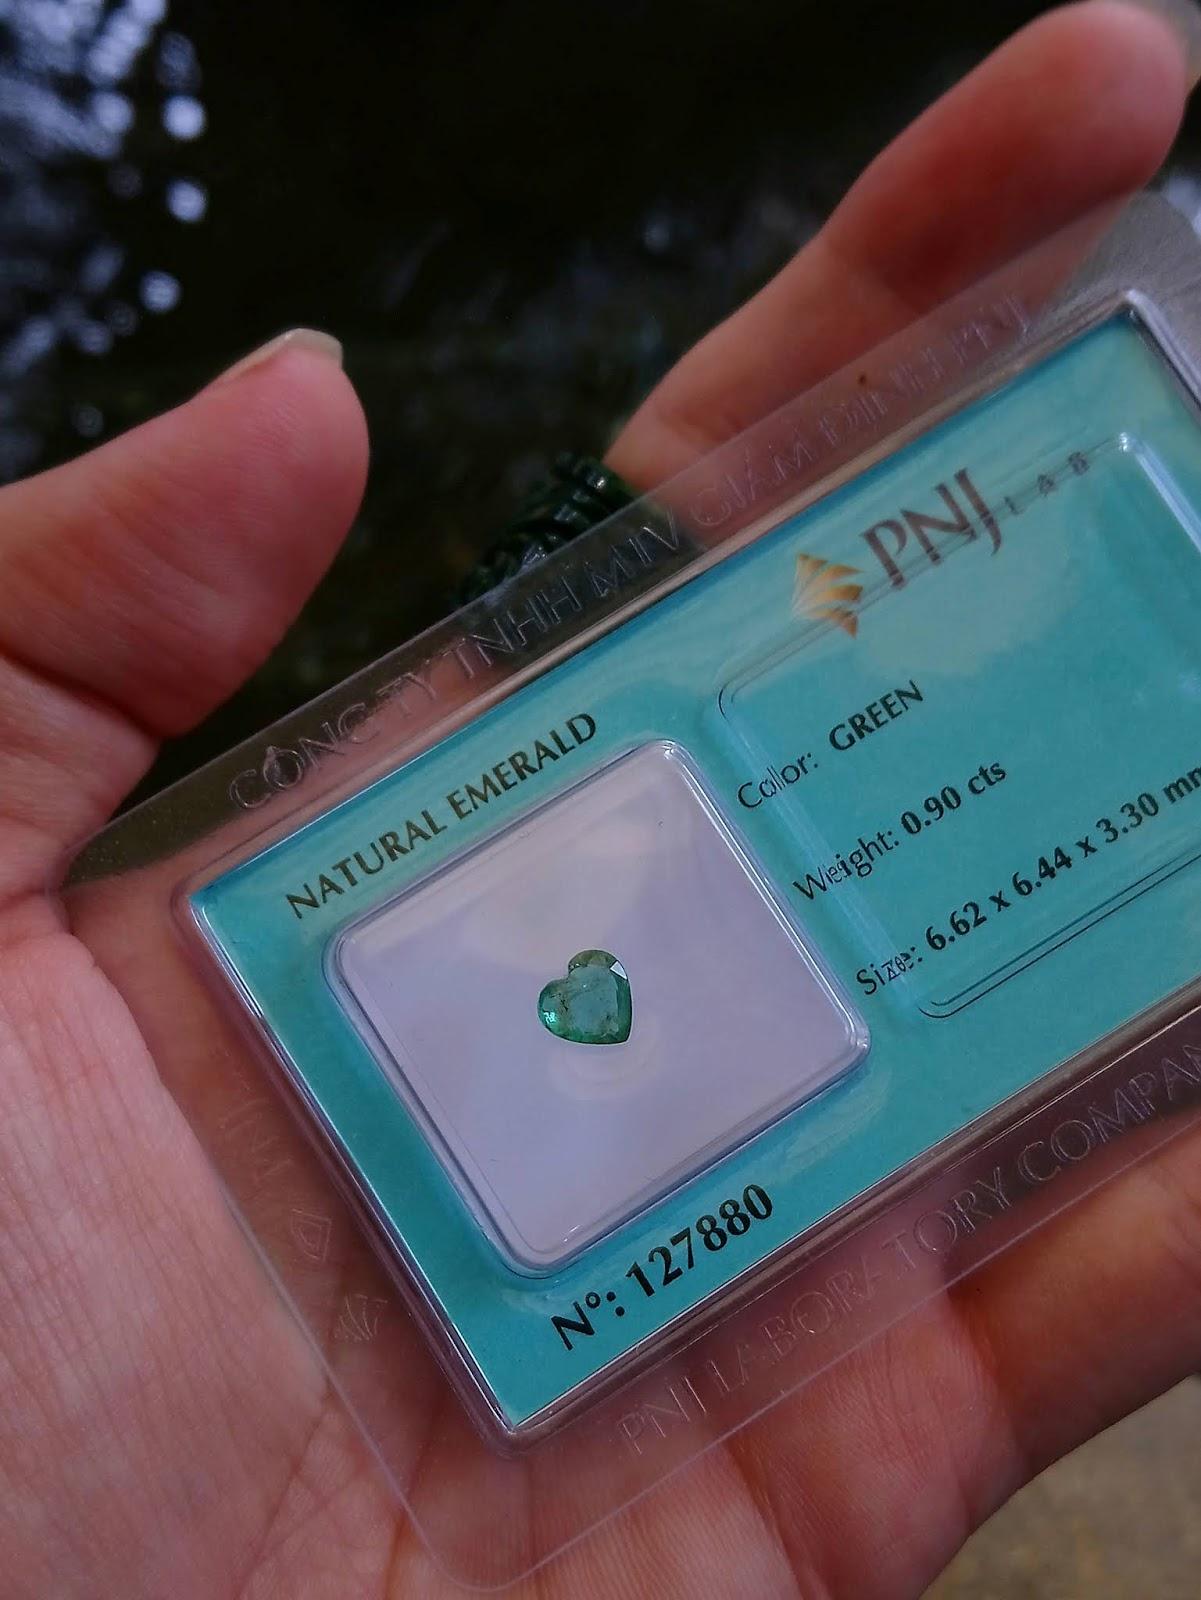 0.9ct (6.6 x 6.4 x 3.3mm) Natural Emerald mài giác trái tim đã kiểm định PNJ